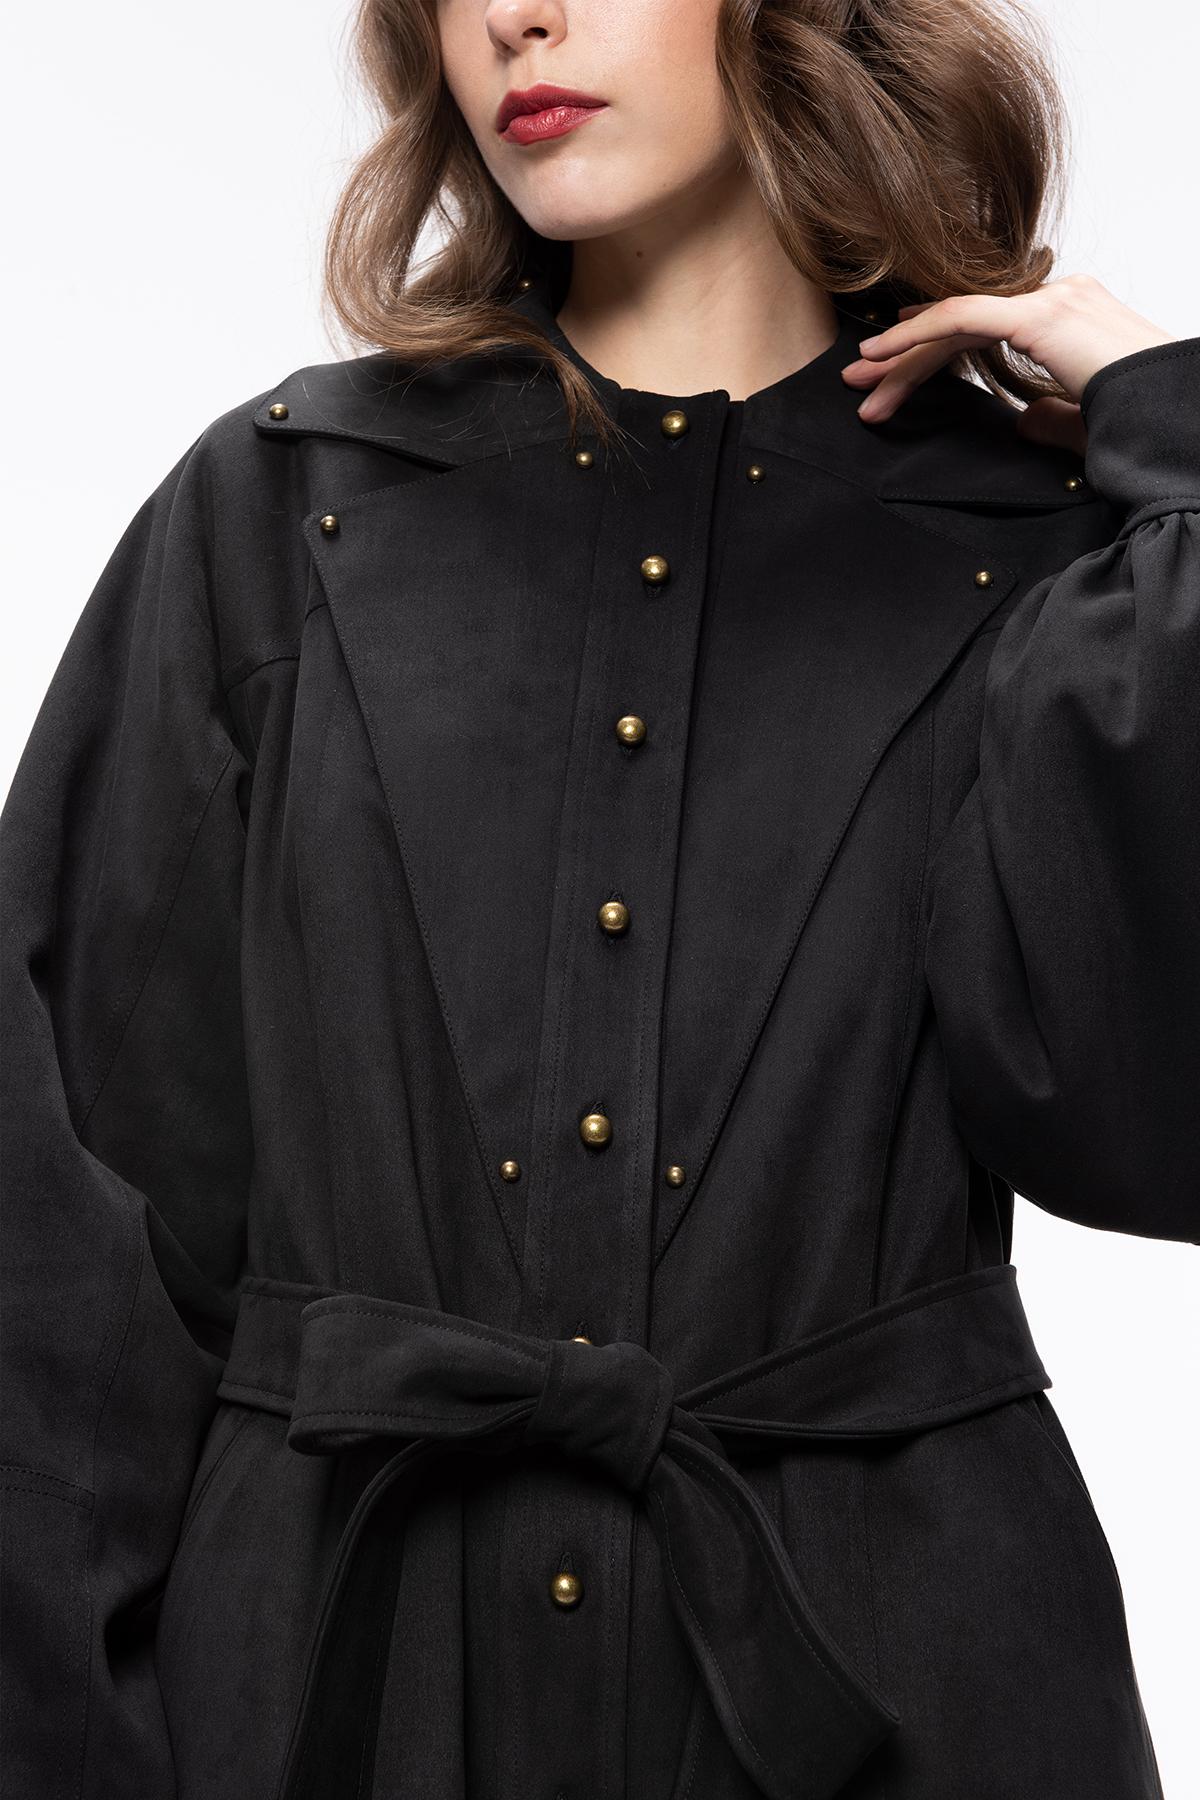 Long Black Coats Women